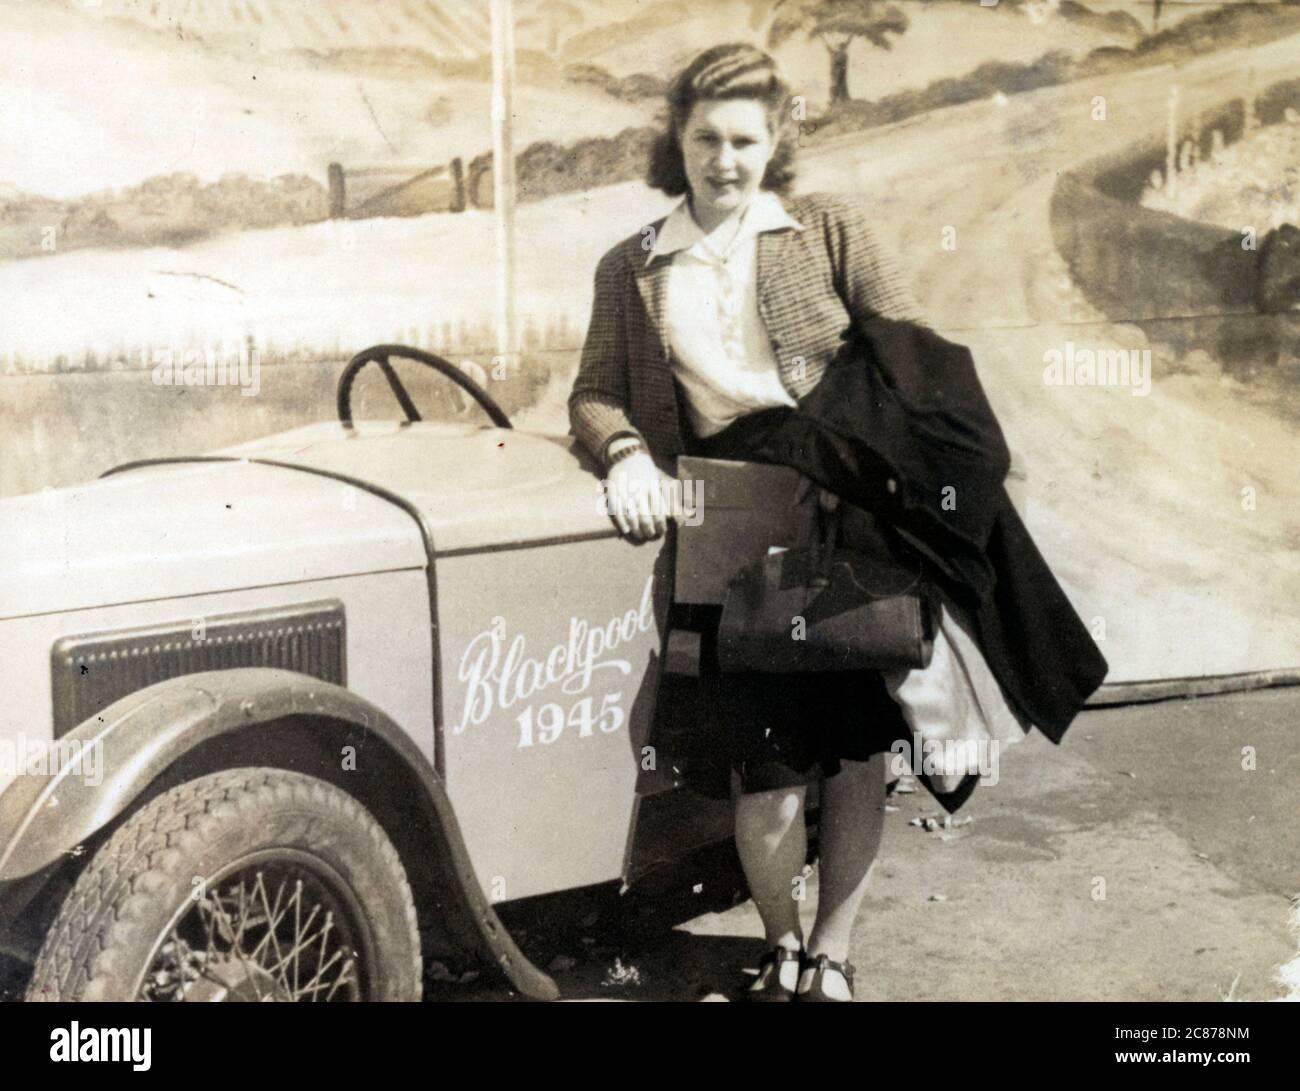 Une jeune femme sur le front de mer de Blackpool pose pour une photo « Sunny snapshots » à côté d'une petite voiture de sport « prop » devant un fond peint représentant une scène de campagne. Date: 1945 Banque D'Images